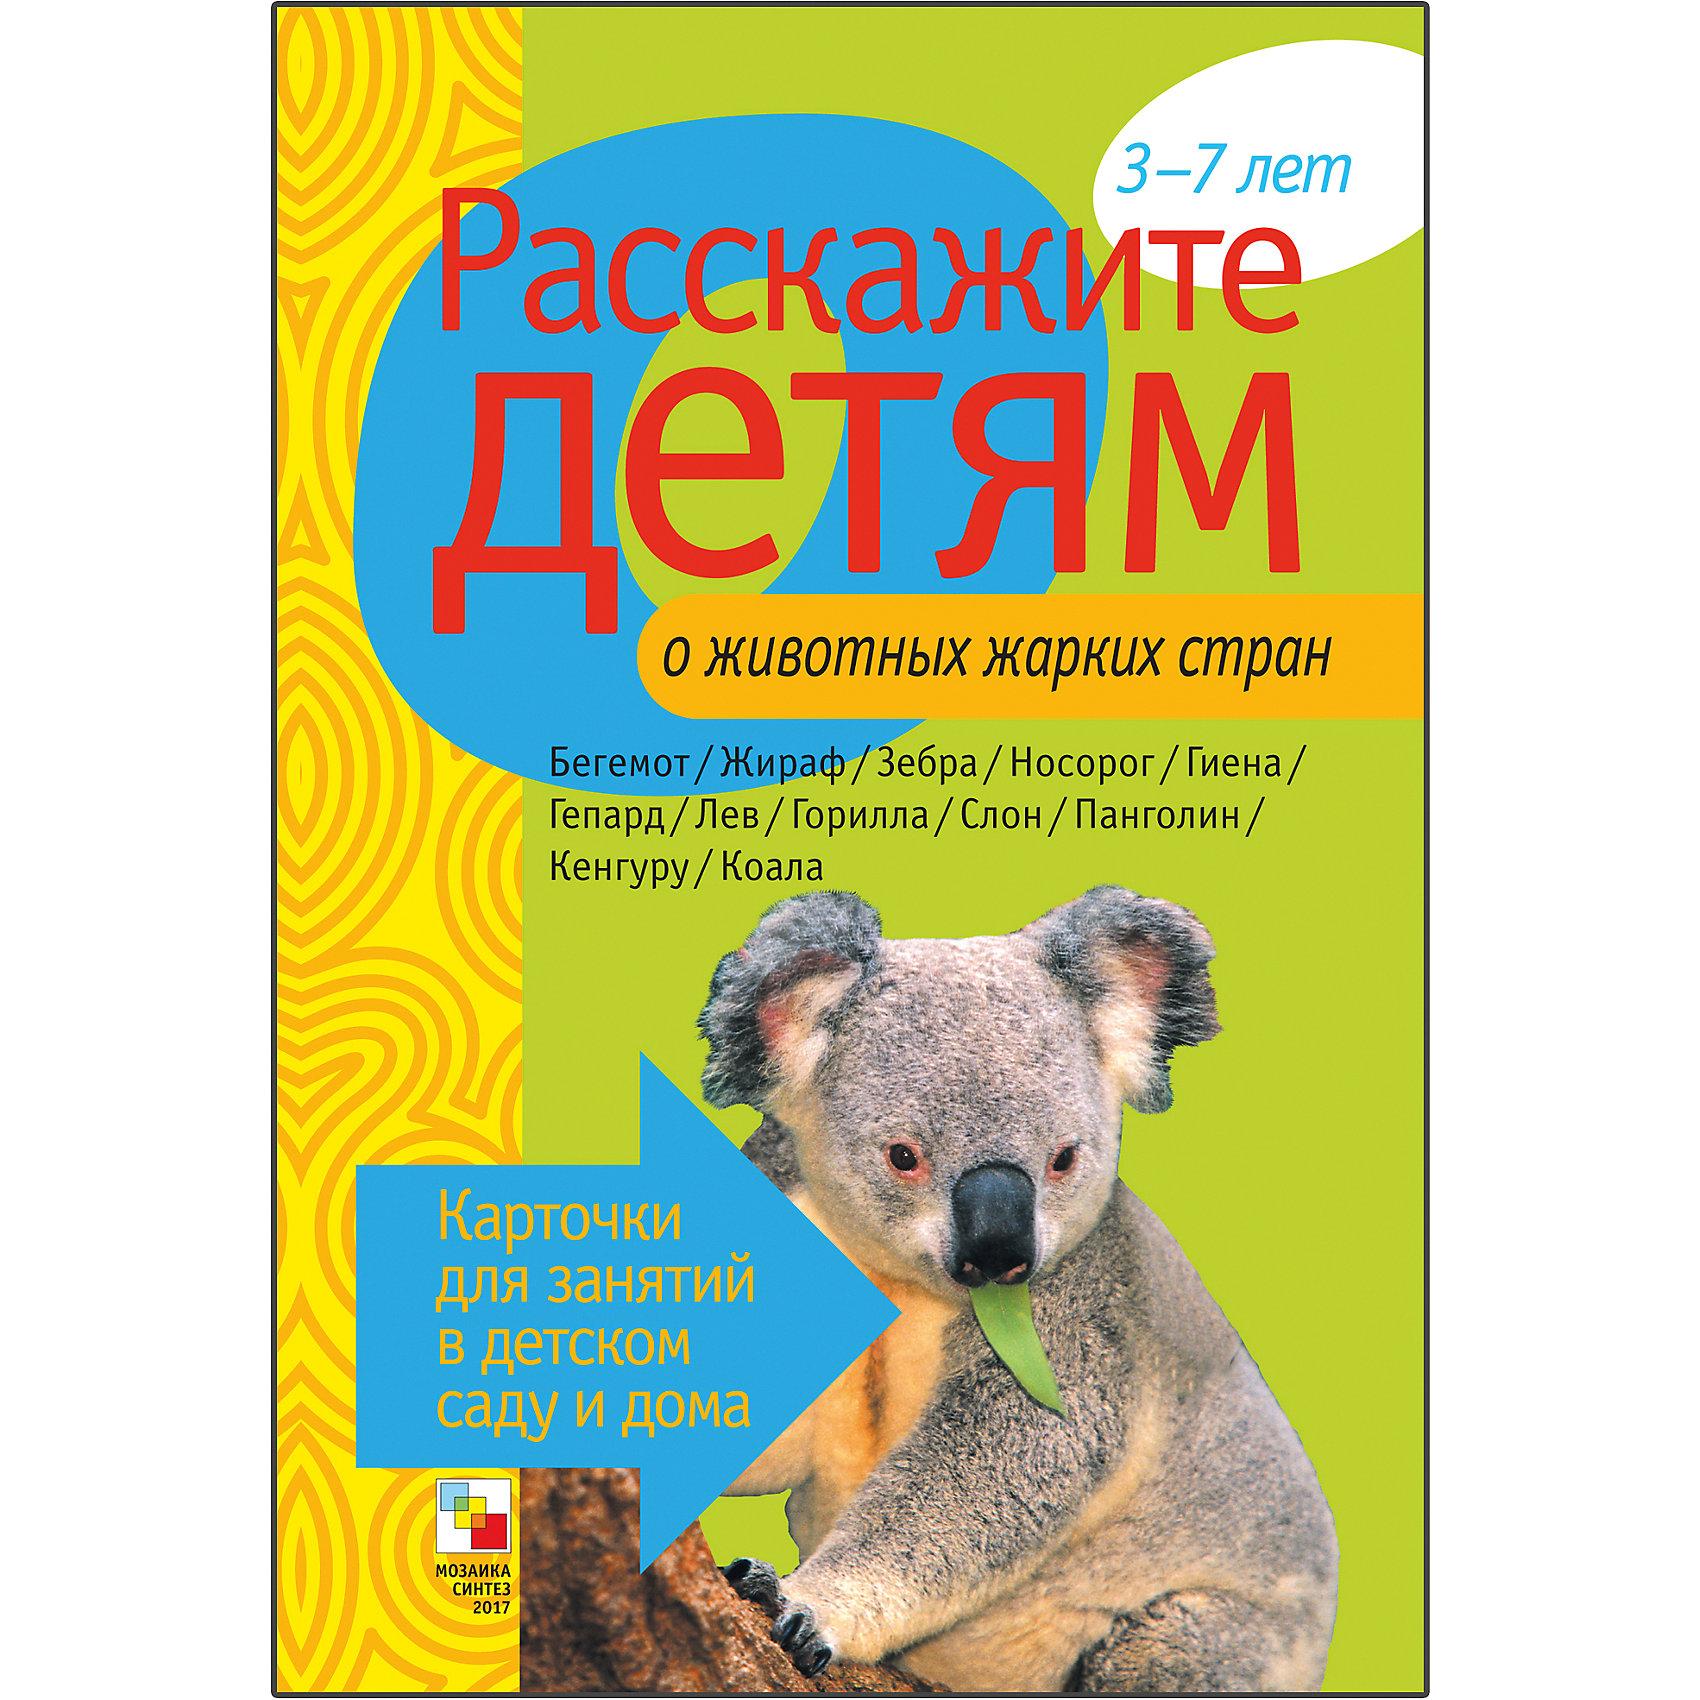 Карточки Расскажите детям о животных жарких стран, Мозаика-СинтезОбучающие карточки<br>Пособие Расскажите детям о животных жарких стран, Мозаика-Синтез.<br><br>Характеристики:<br><br>• Издательство: МОЗАИКА-СИНТЕЗ<br>• ISBN: 9785867754655<br>• Тип: папка с карточками, обложка твердая.<br>• Возраст: от 3-7 лет.<br>• Размер книги: 210х150х5 мм.<br>• Количество страниц: 12<br><br>В данном пособии рассказывается об экзотических животных, обитающих в самых разных уголках земного шара. Ребенок узнает о жителях Австралии – кенгуру и коале, об африканских животных – жирафе, гиене, льве и бегемоте.<br><br>Красочные картинки и информативный текст дадут малышу возможность ознакомиться с жизнью и повадками животных. Забавные загадки, пословицы и стихи станут дополнительным материалом при изучении жизни животных.<br><br>Пособие Расскажите детям о животных жарких стран, Мозаика-Синтез, можно купить в нашем интернет – магазине.<br><br>Ширина мм: 5<br>Глубина мм: 150<br>Высота мм: 210<br>Вес г: 83<br>Возраст от месяцев: 36<br>Возраст до месяцев: 84<br>Пол: Унисекс<br>Возраст: Детский<br>SKU: 5428914